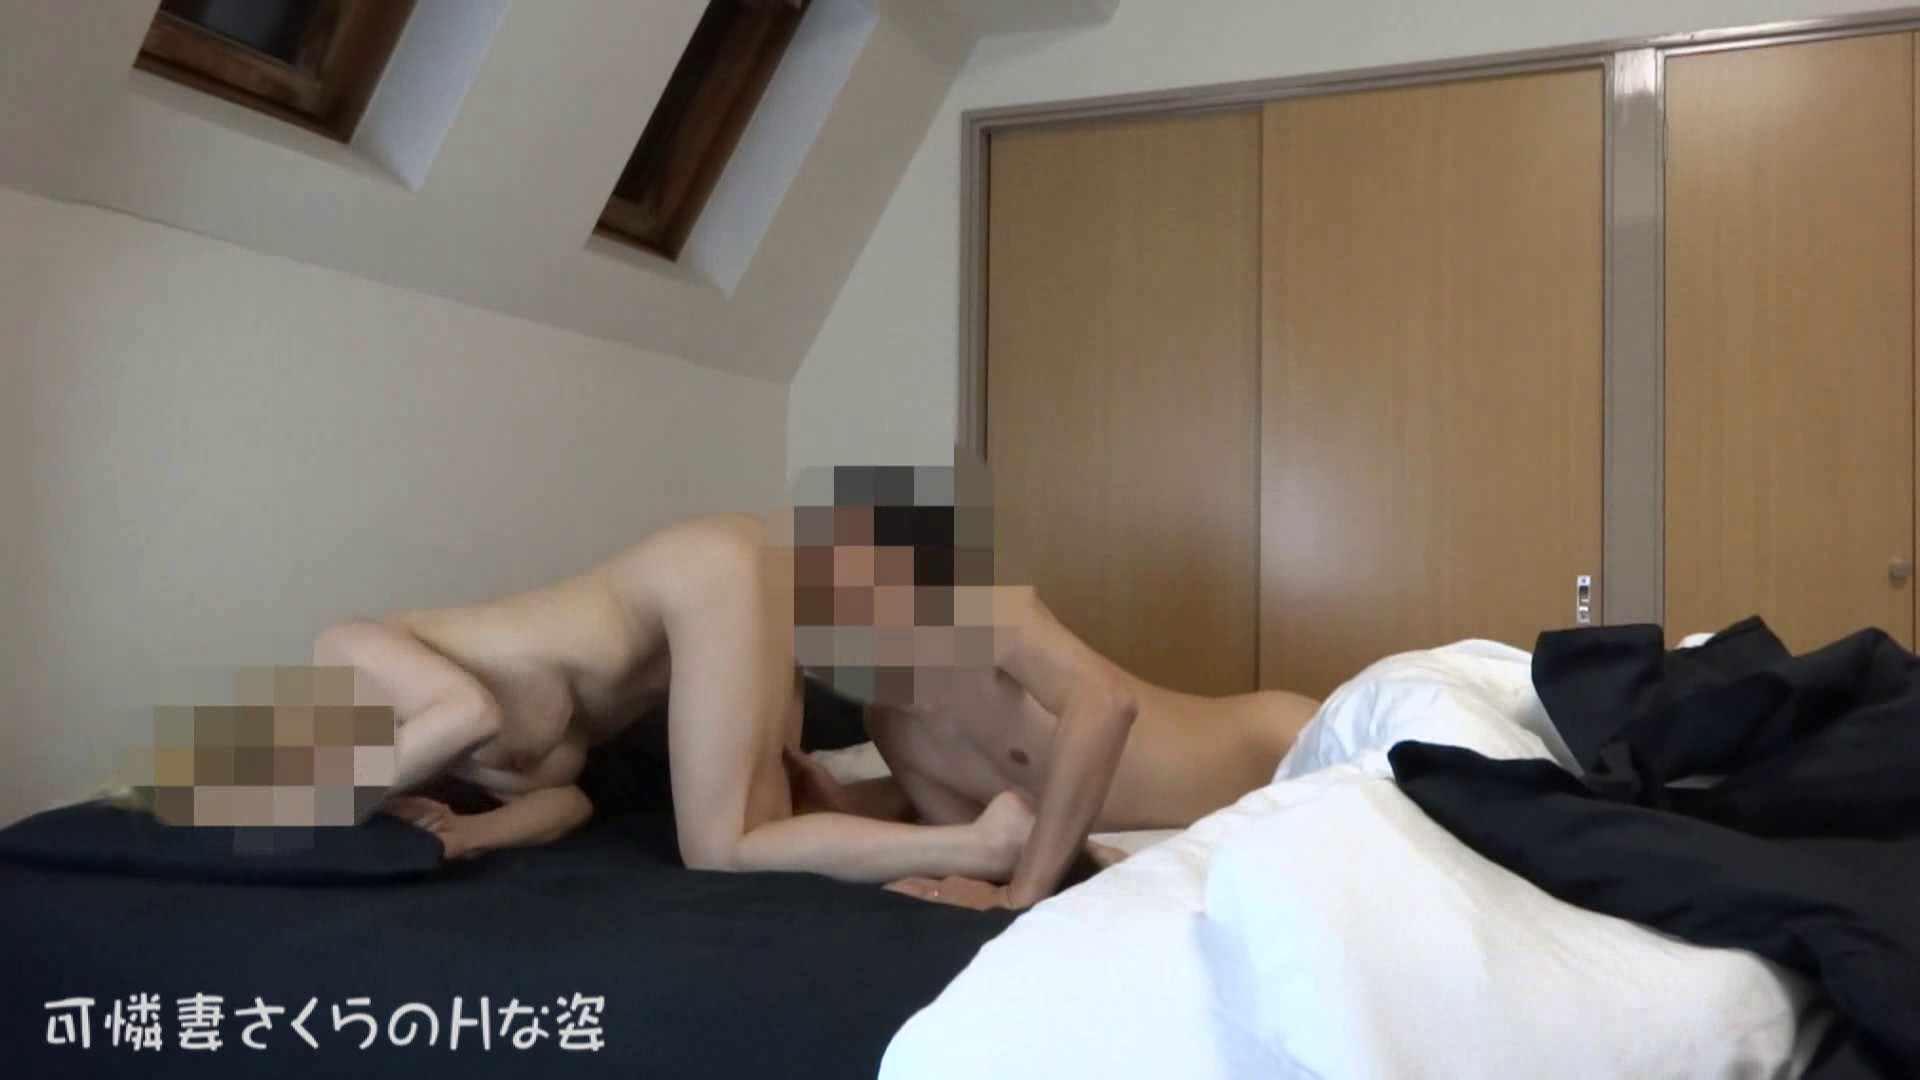 可憐妻さくらのHな姿vol.27 OL   マンコ特集  39連発 5